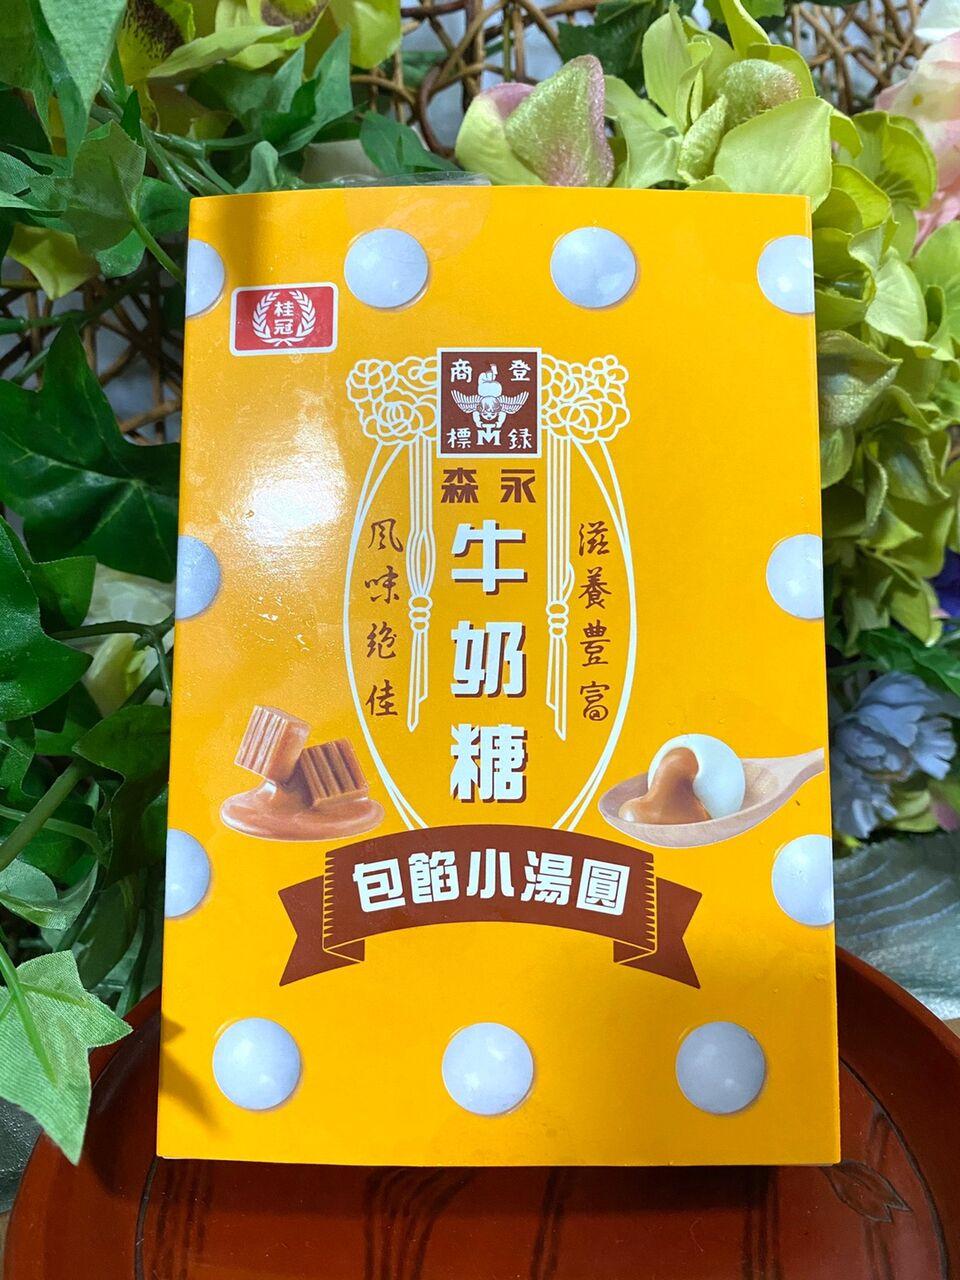 日本には無い台湾だけの森永ミルクキャラメル味の湯圓